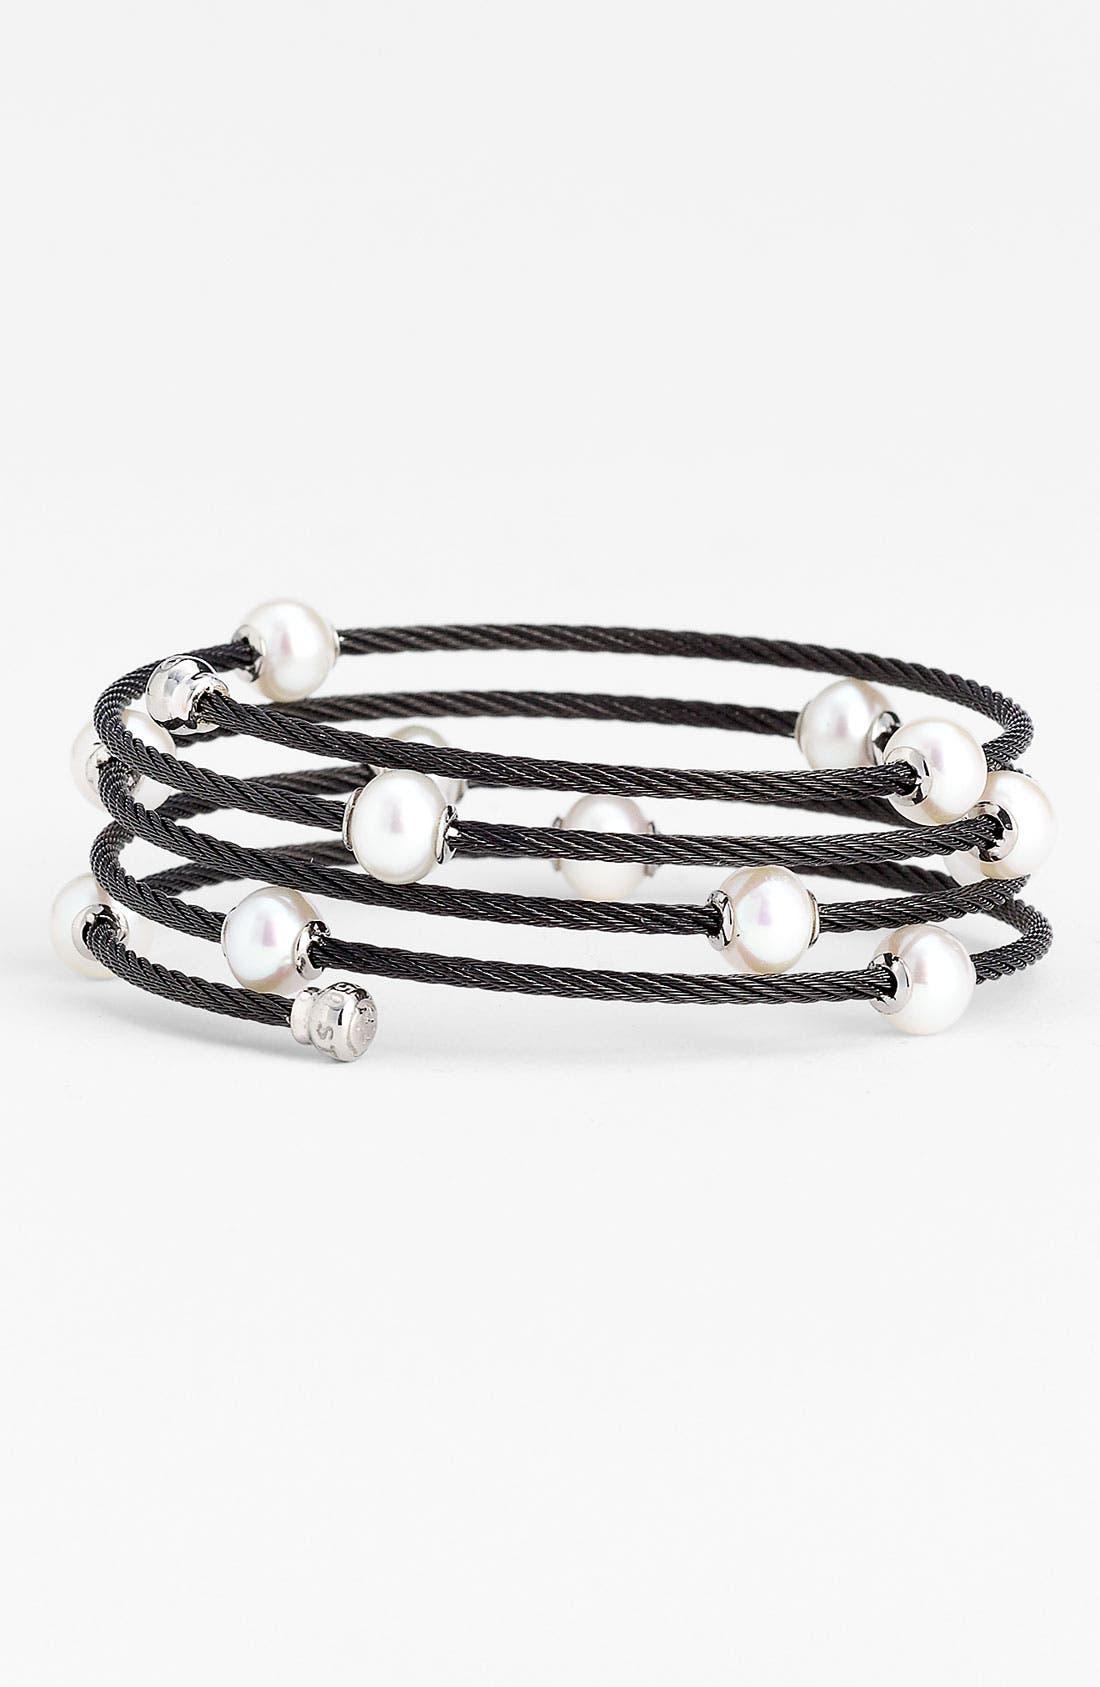 Main Image - ALOR® Pearl Cable Bracelet